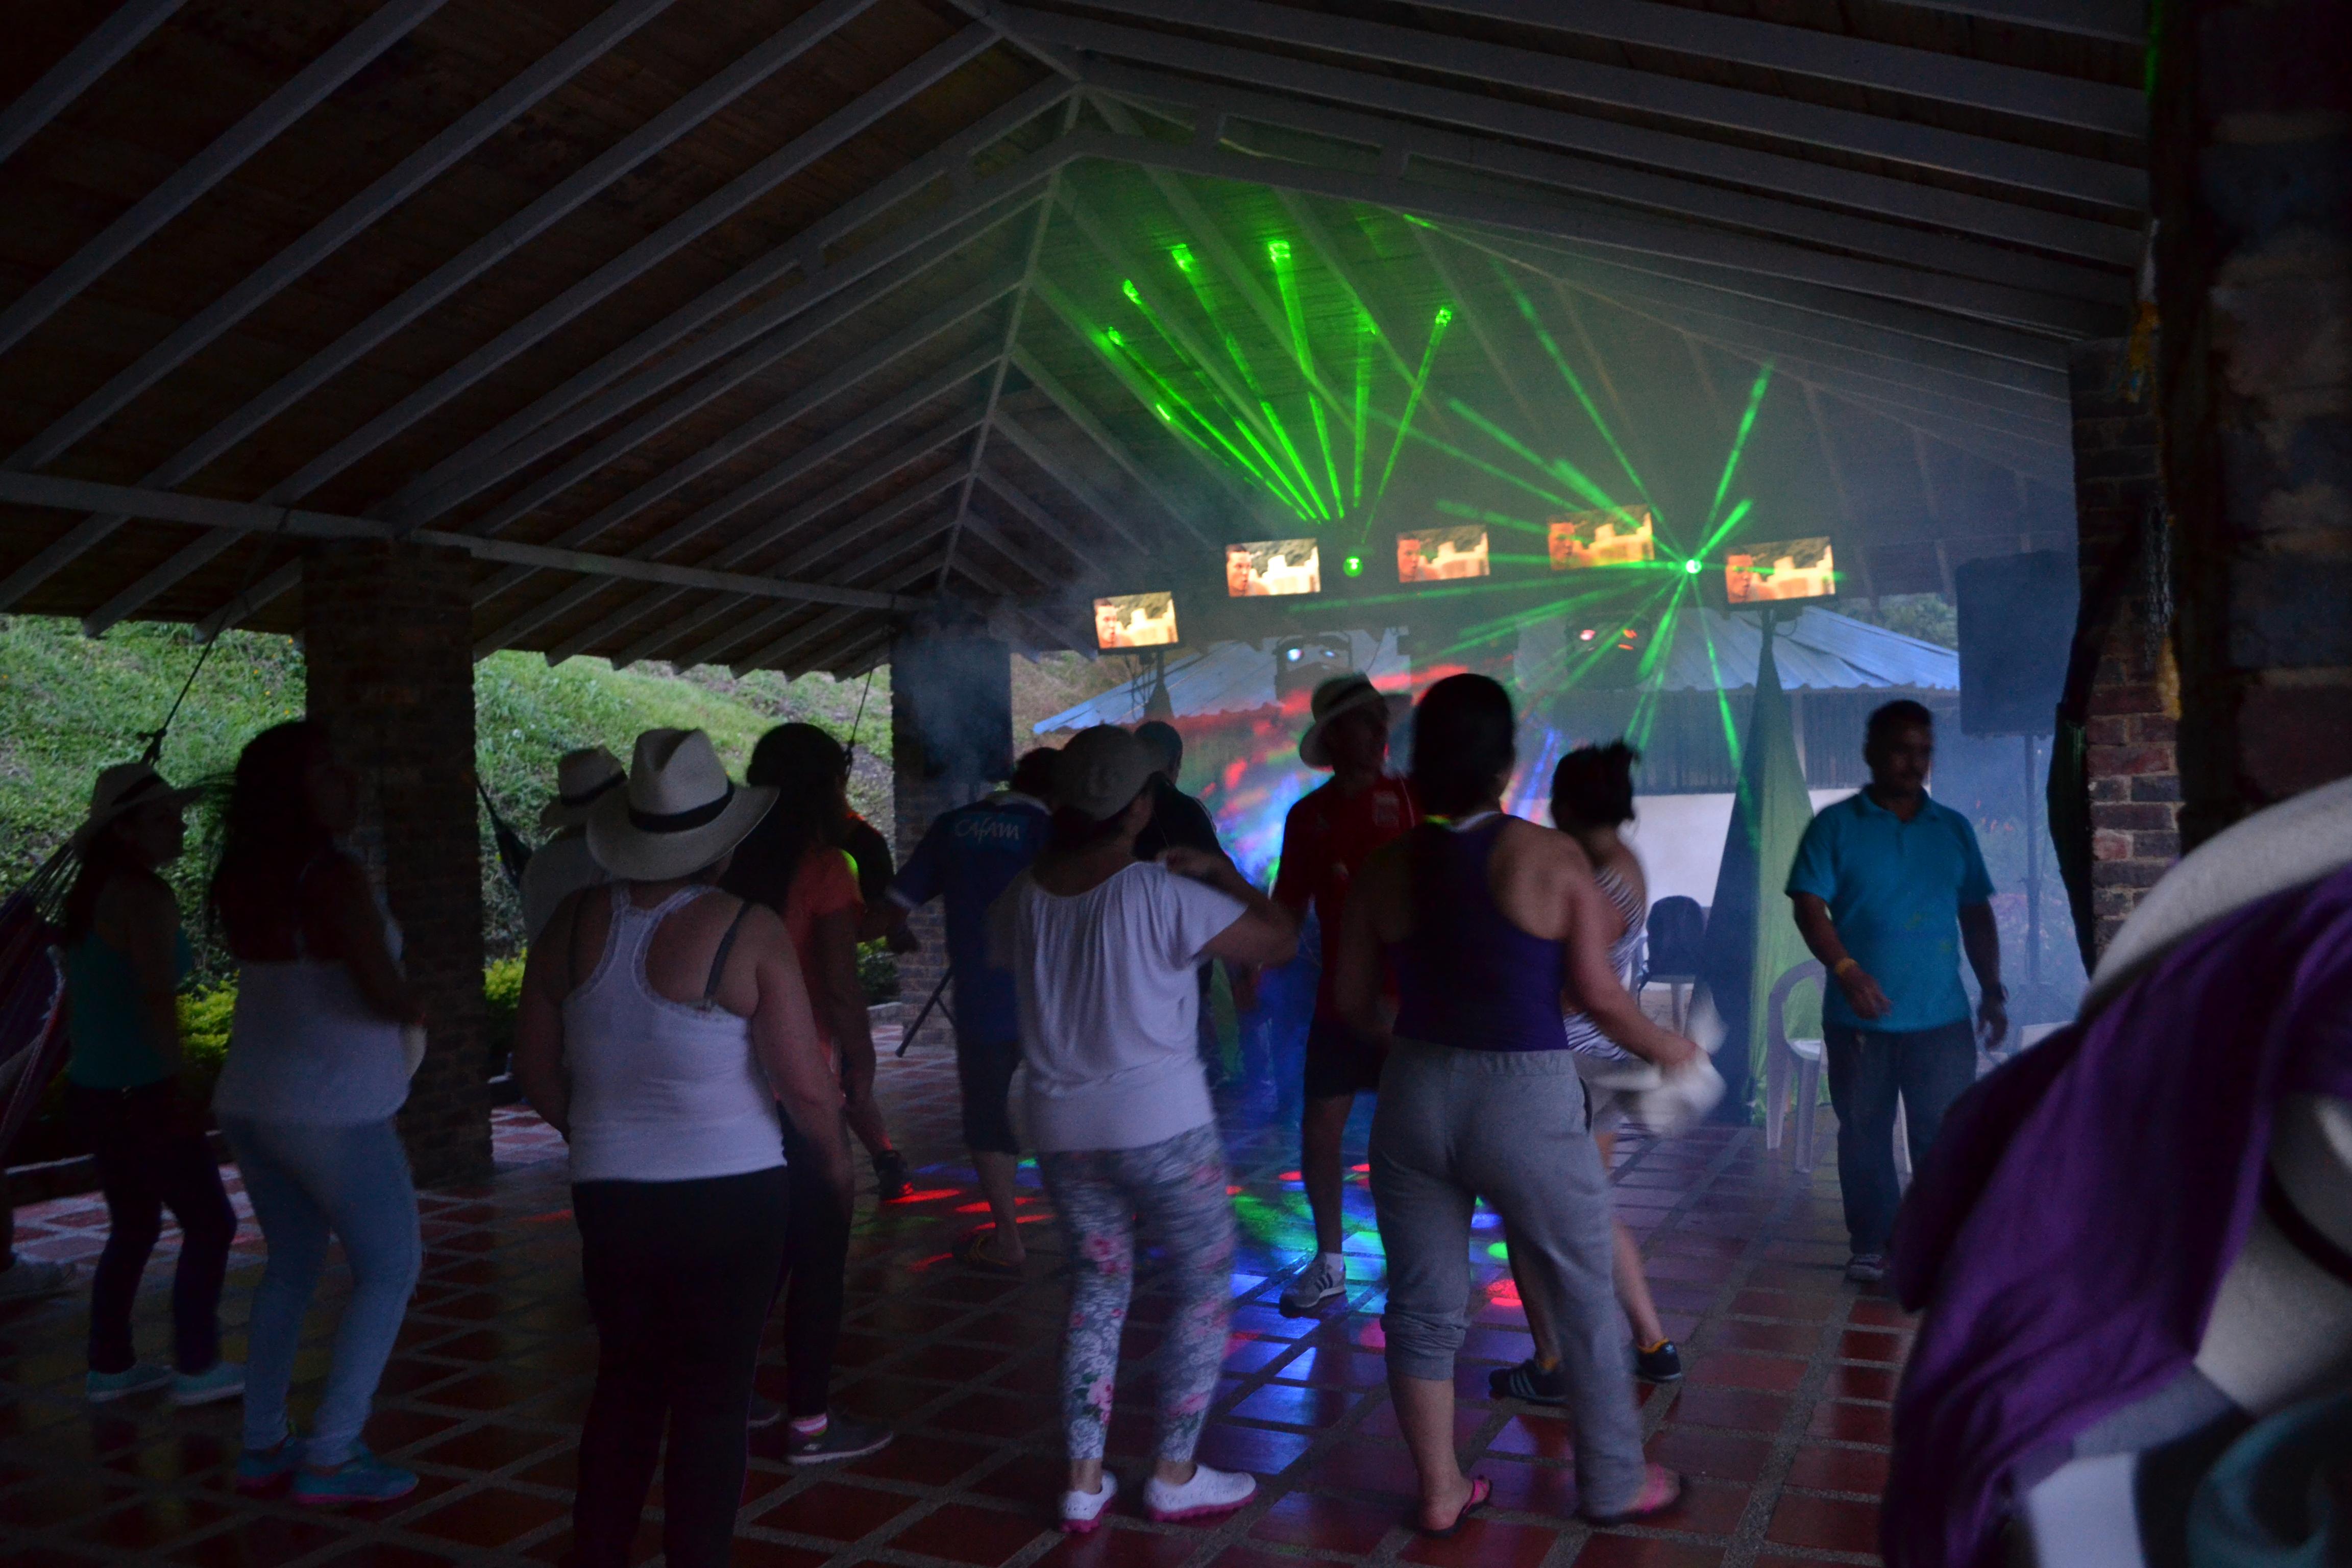 Alquiler de sonido luces y pantallas para fiestas y eventos 7